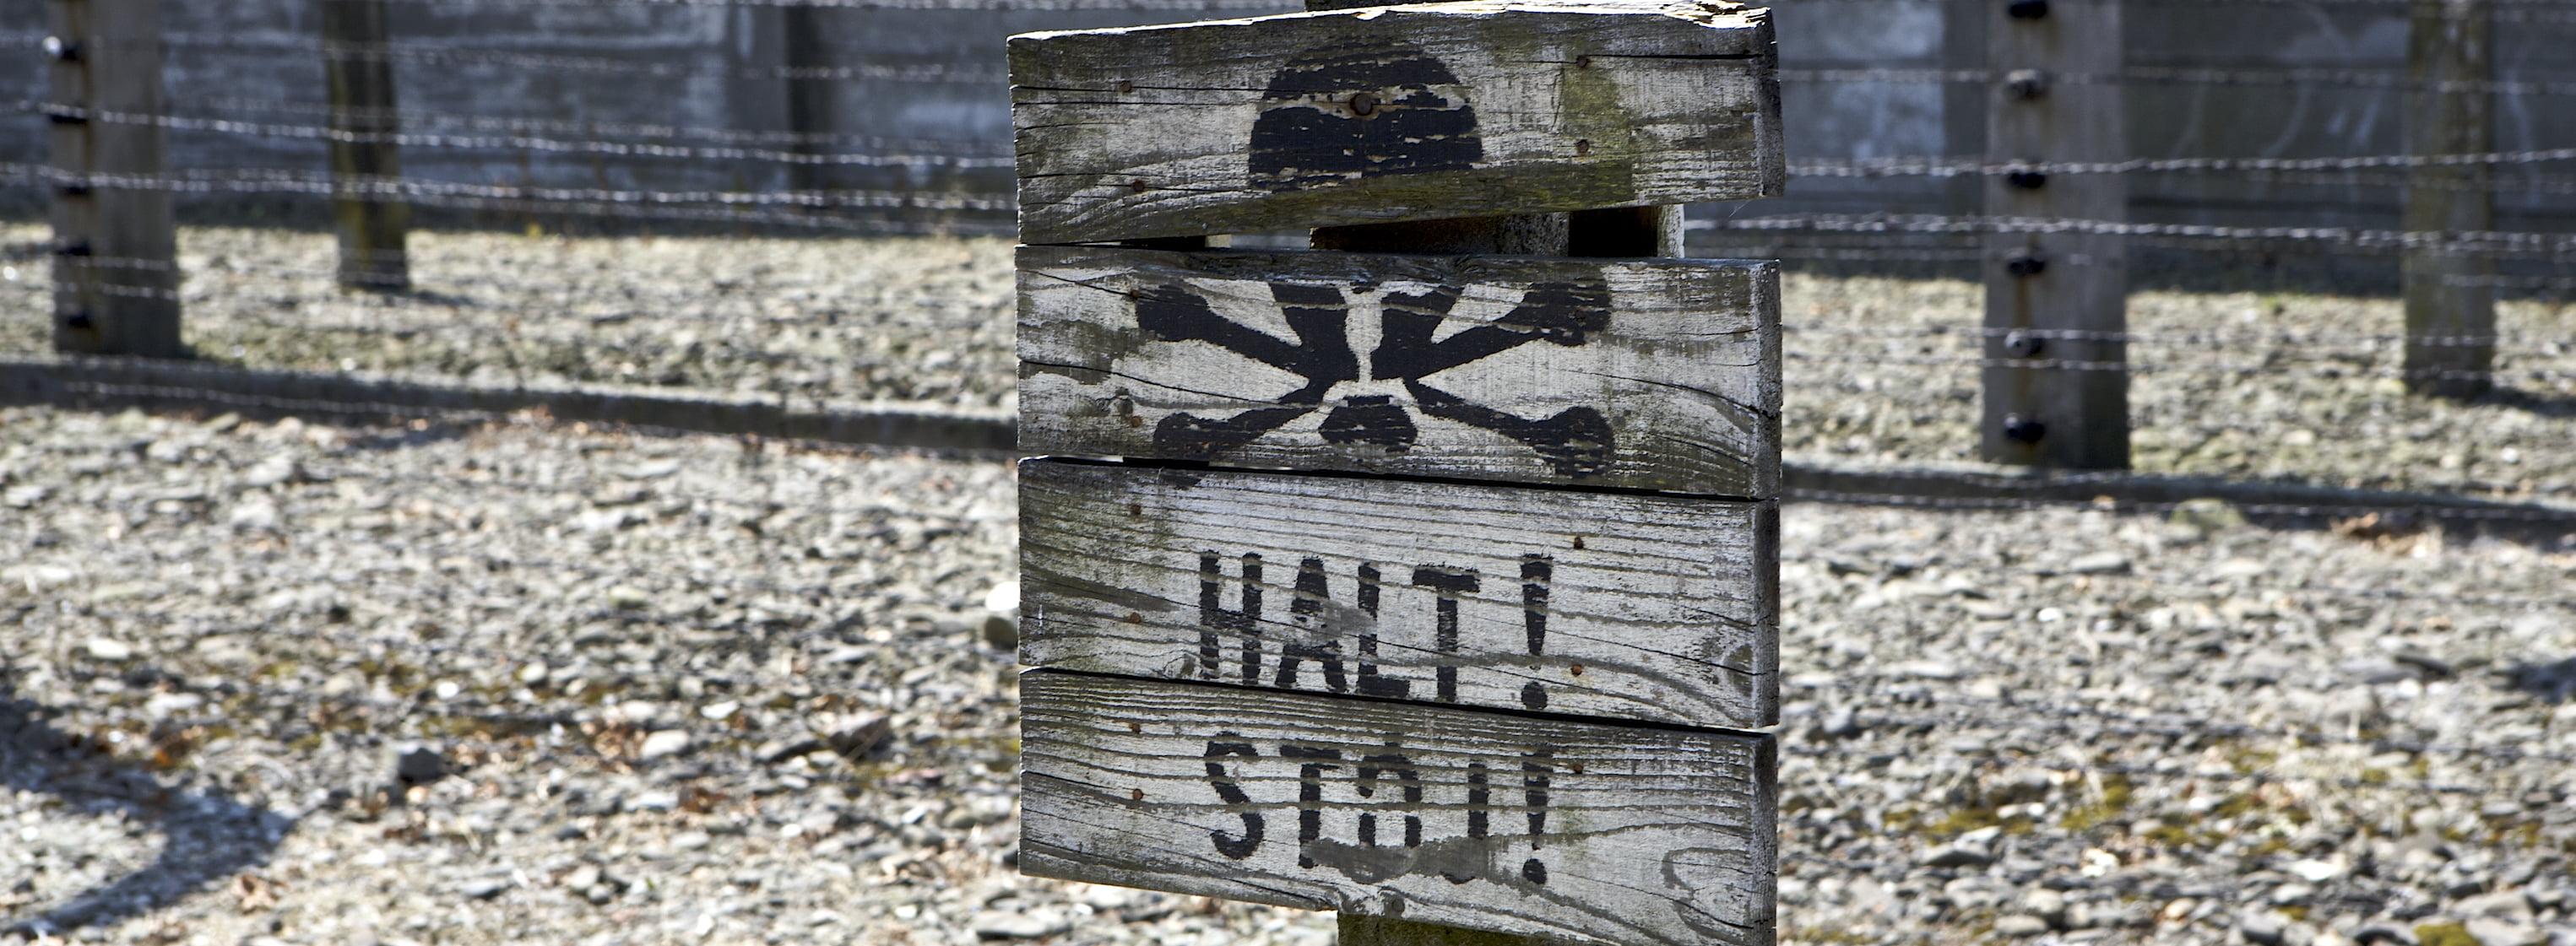 Auschwitz (Photo: Philip Milne/Flickr)